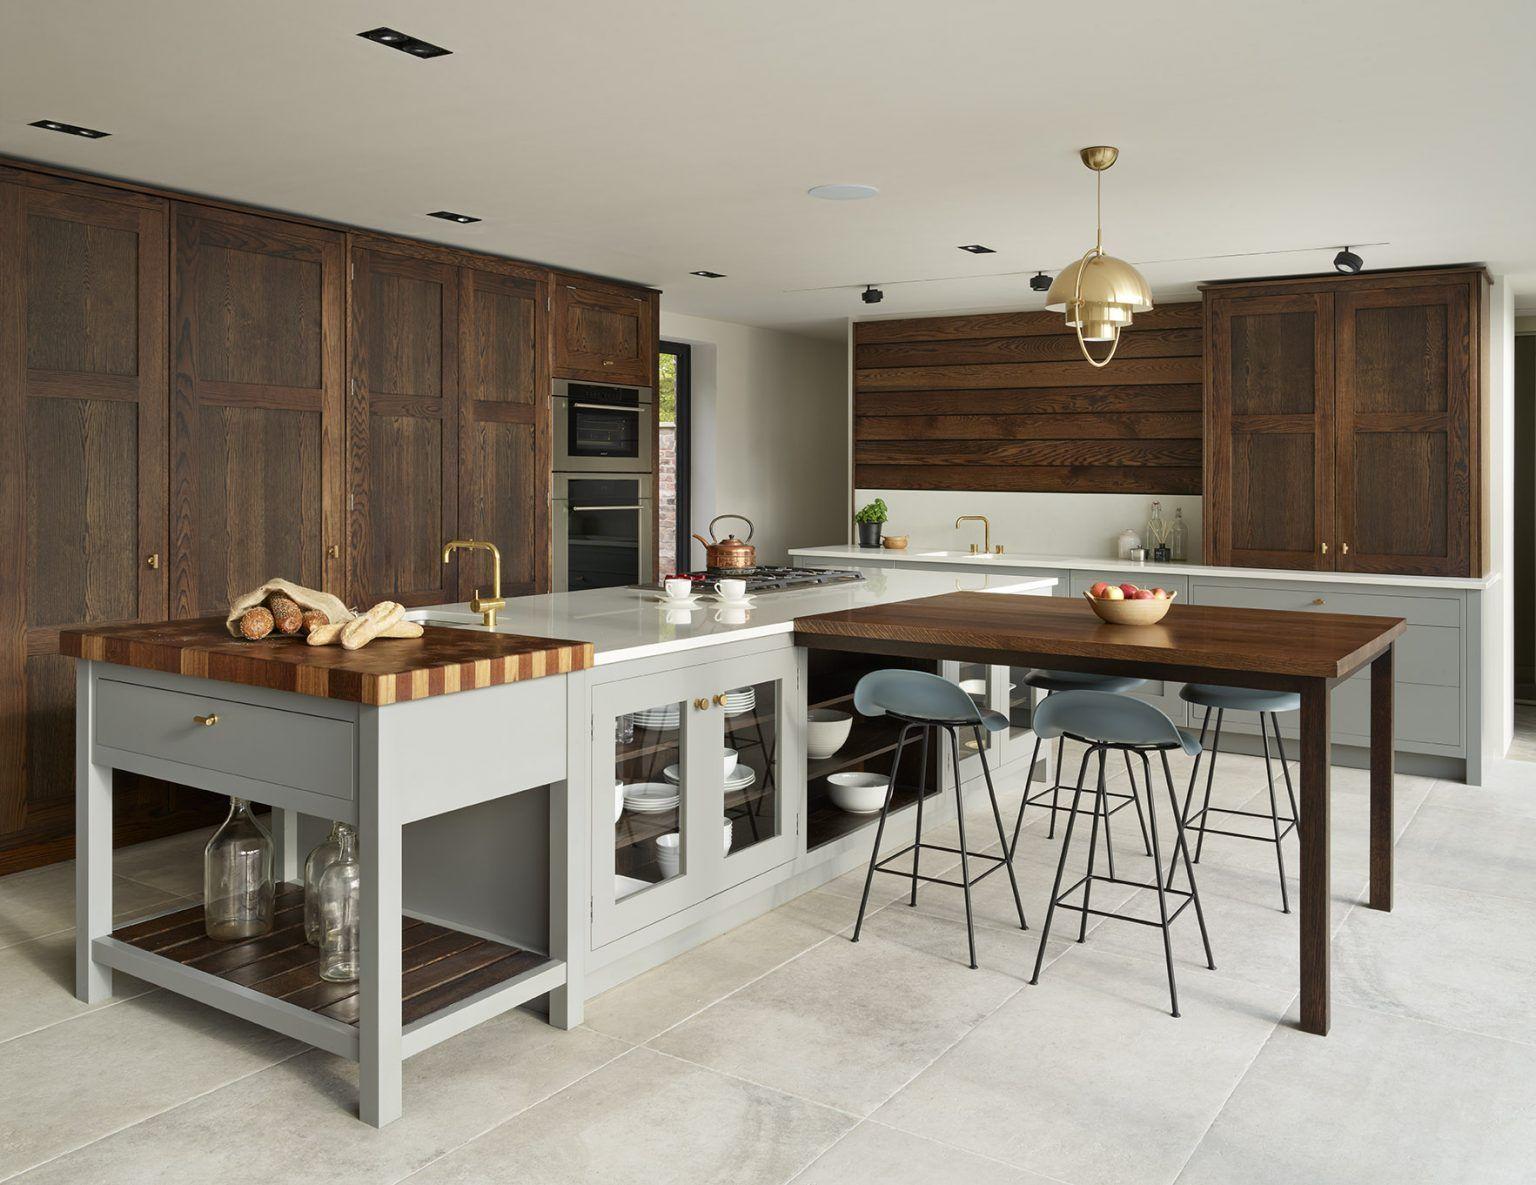 Ex Display Kitchen, Teddy Edwards Shaker, Wolf Appliances